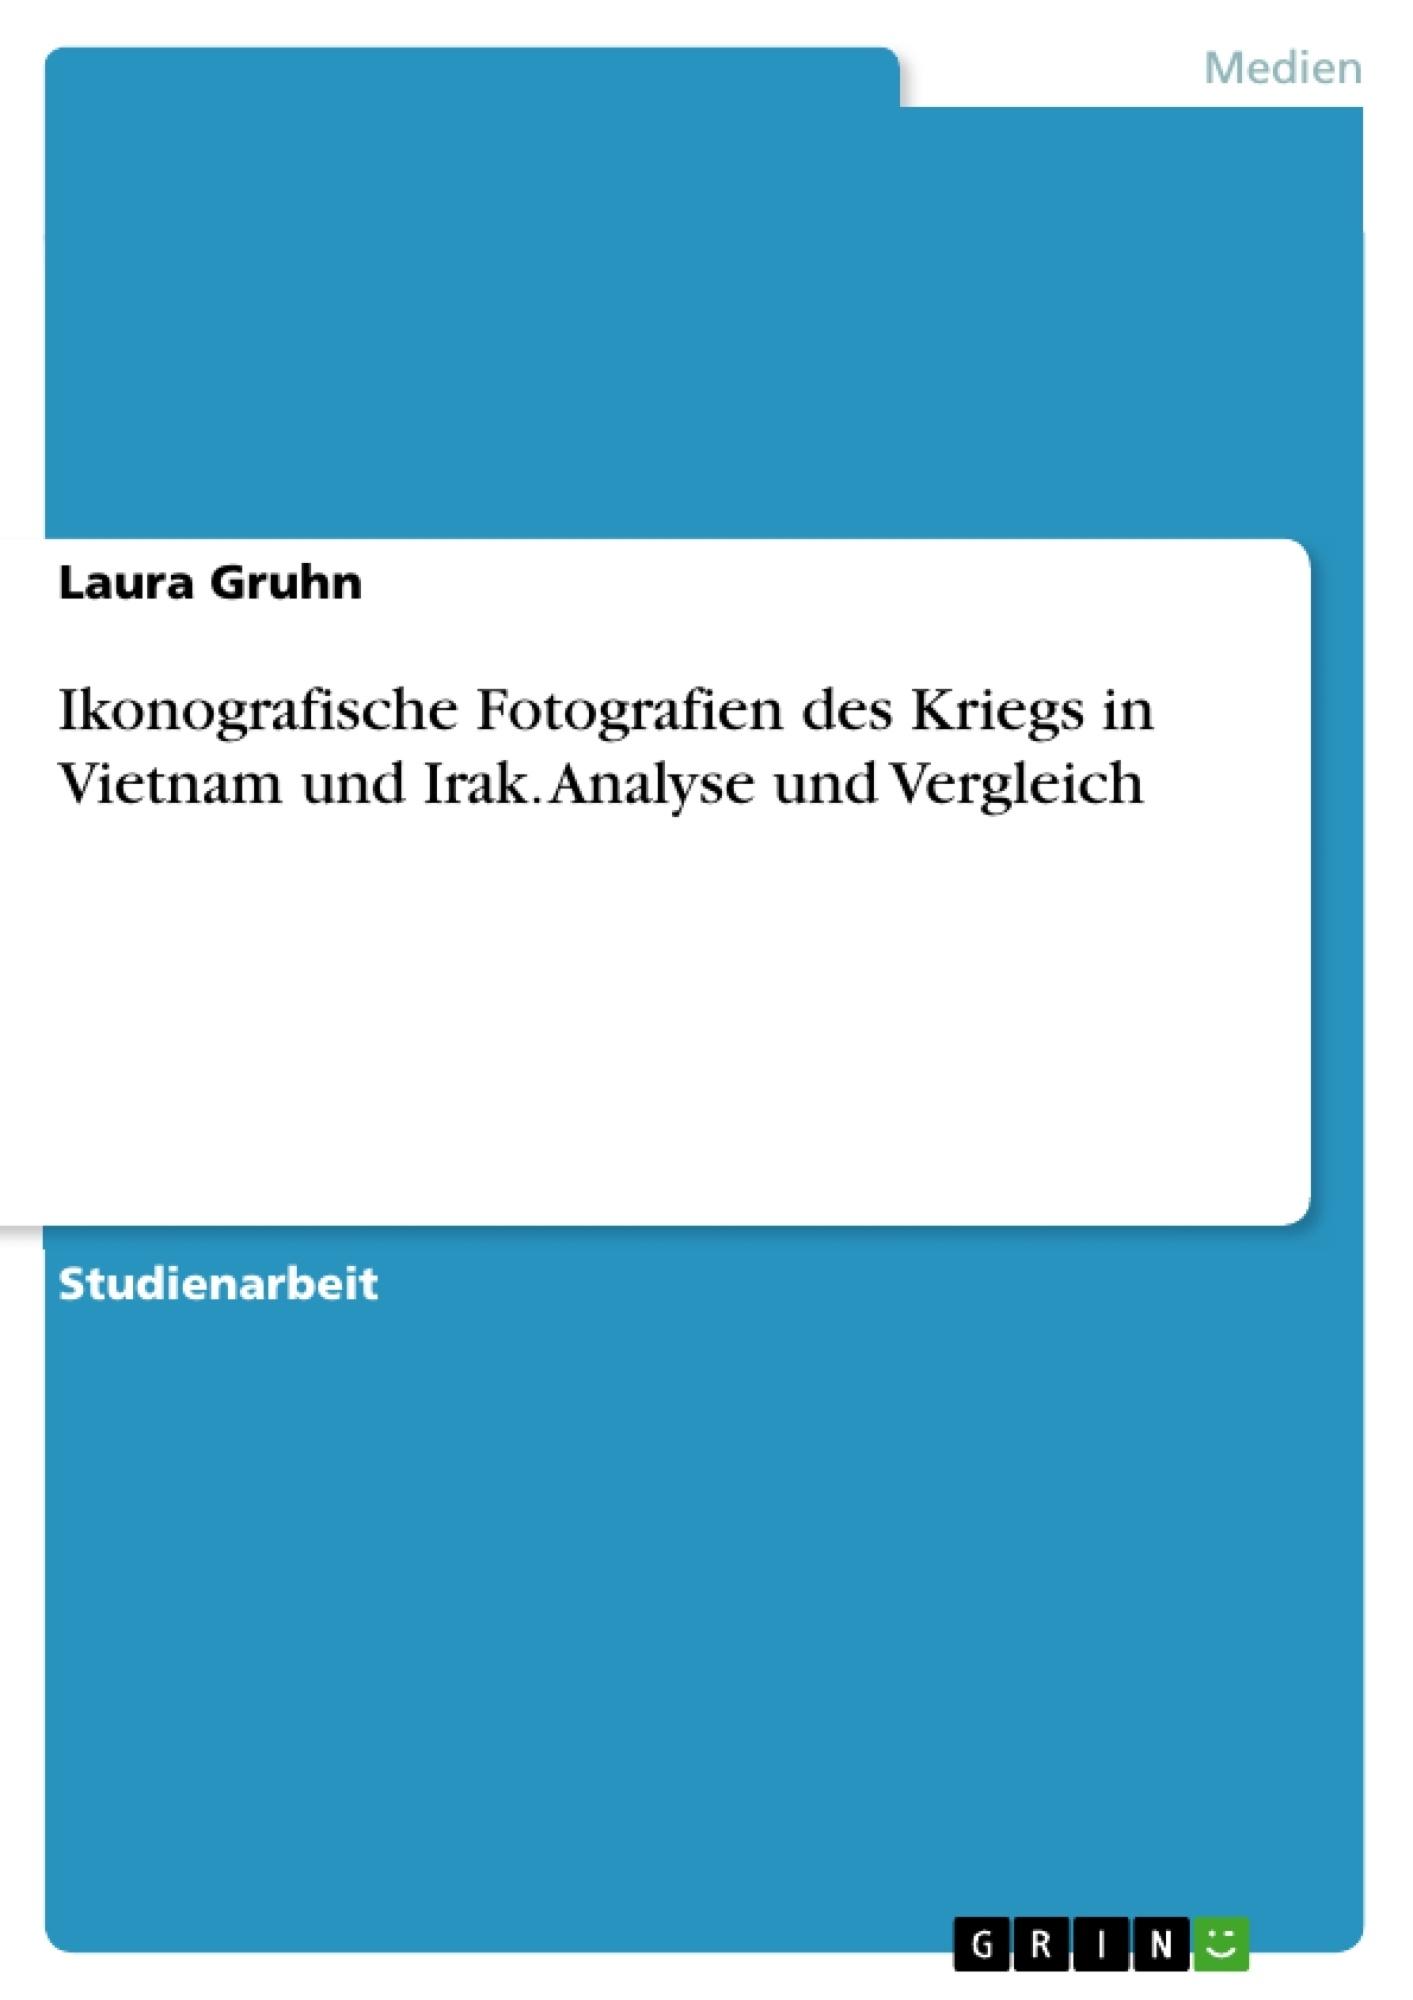 Titel: Ikonografische Fotografien des Kriegs in Vietnam und Irak. Analyse und Vergleich